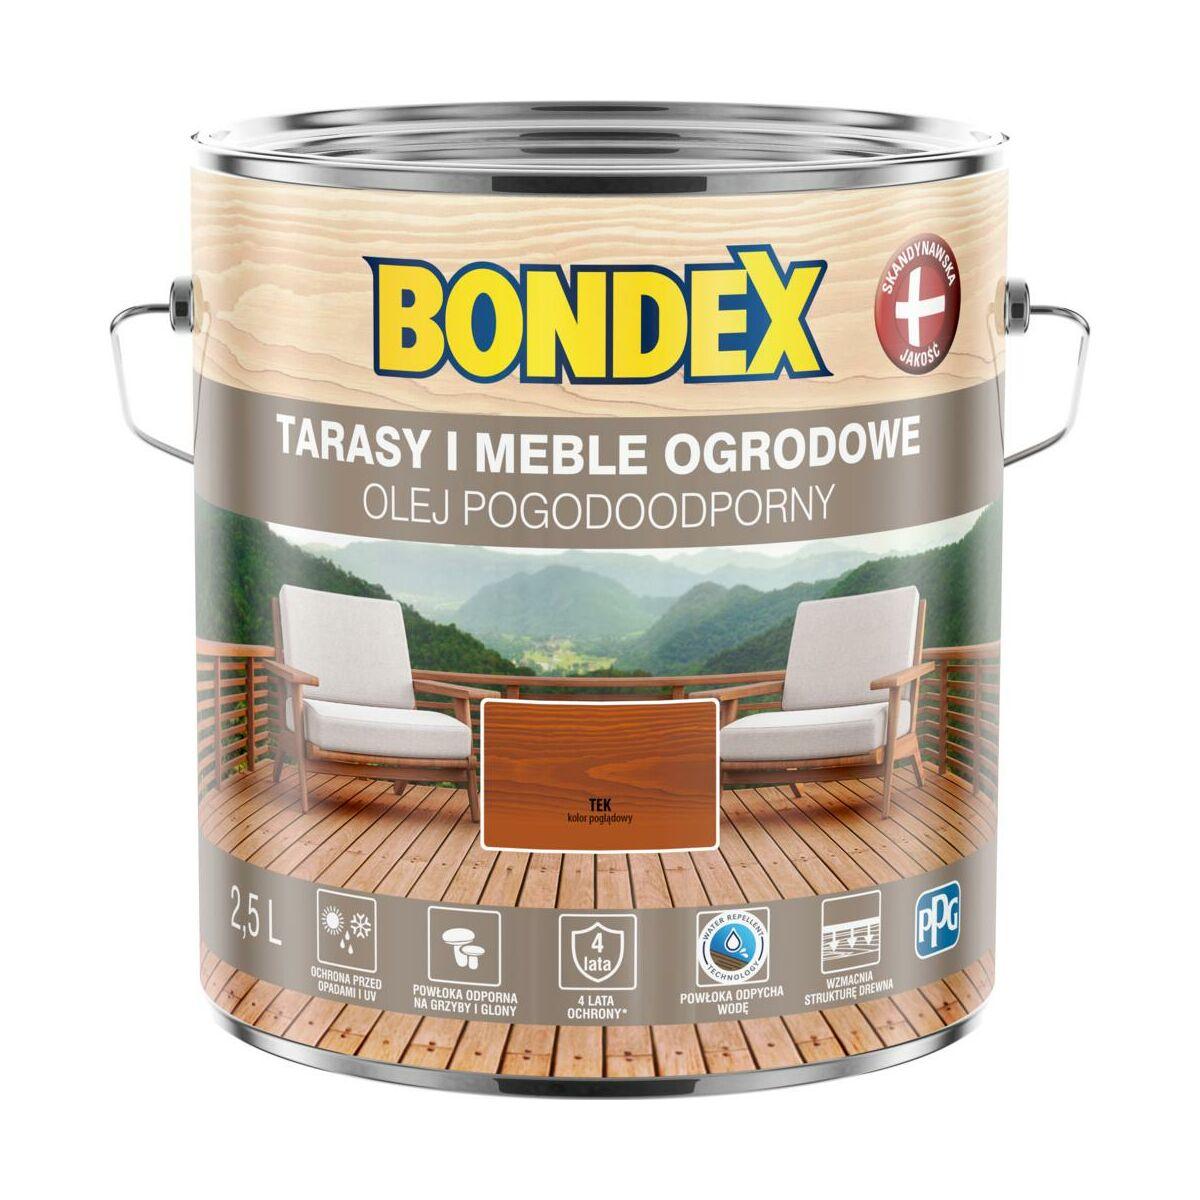 Olej Do Drewna Pogodoodporny 2 5 L Tek Bondex Preparaty I Oleje Do Tarasow W Atrakcyjnej Cenie W Sklepach Leroy Merlin